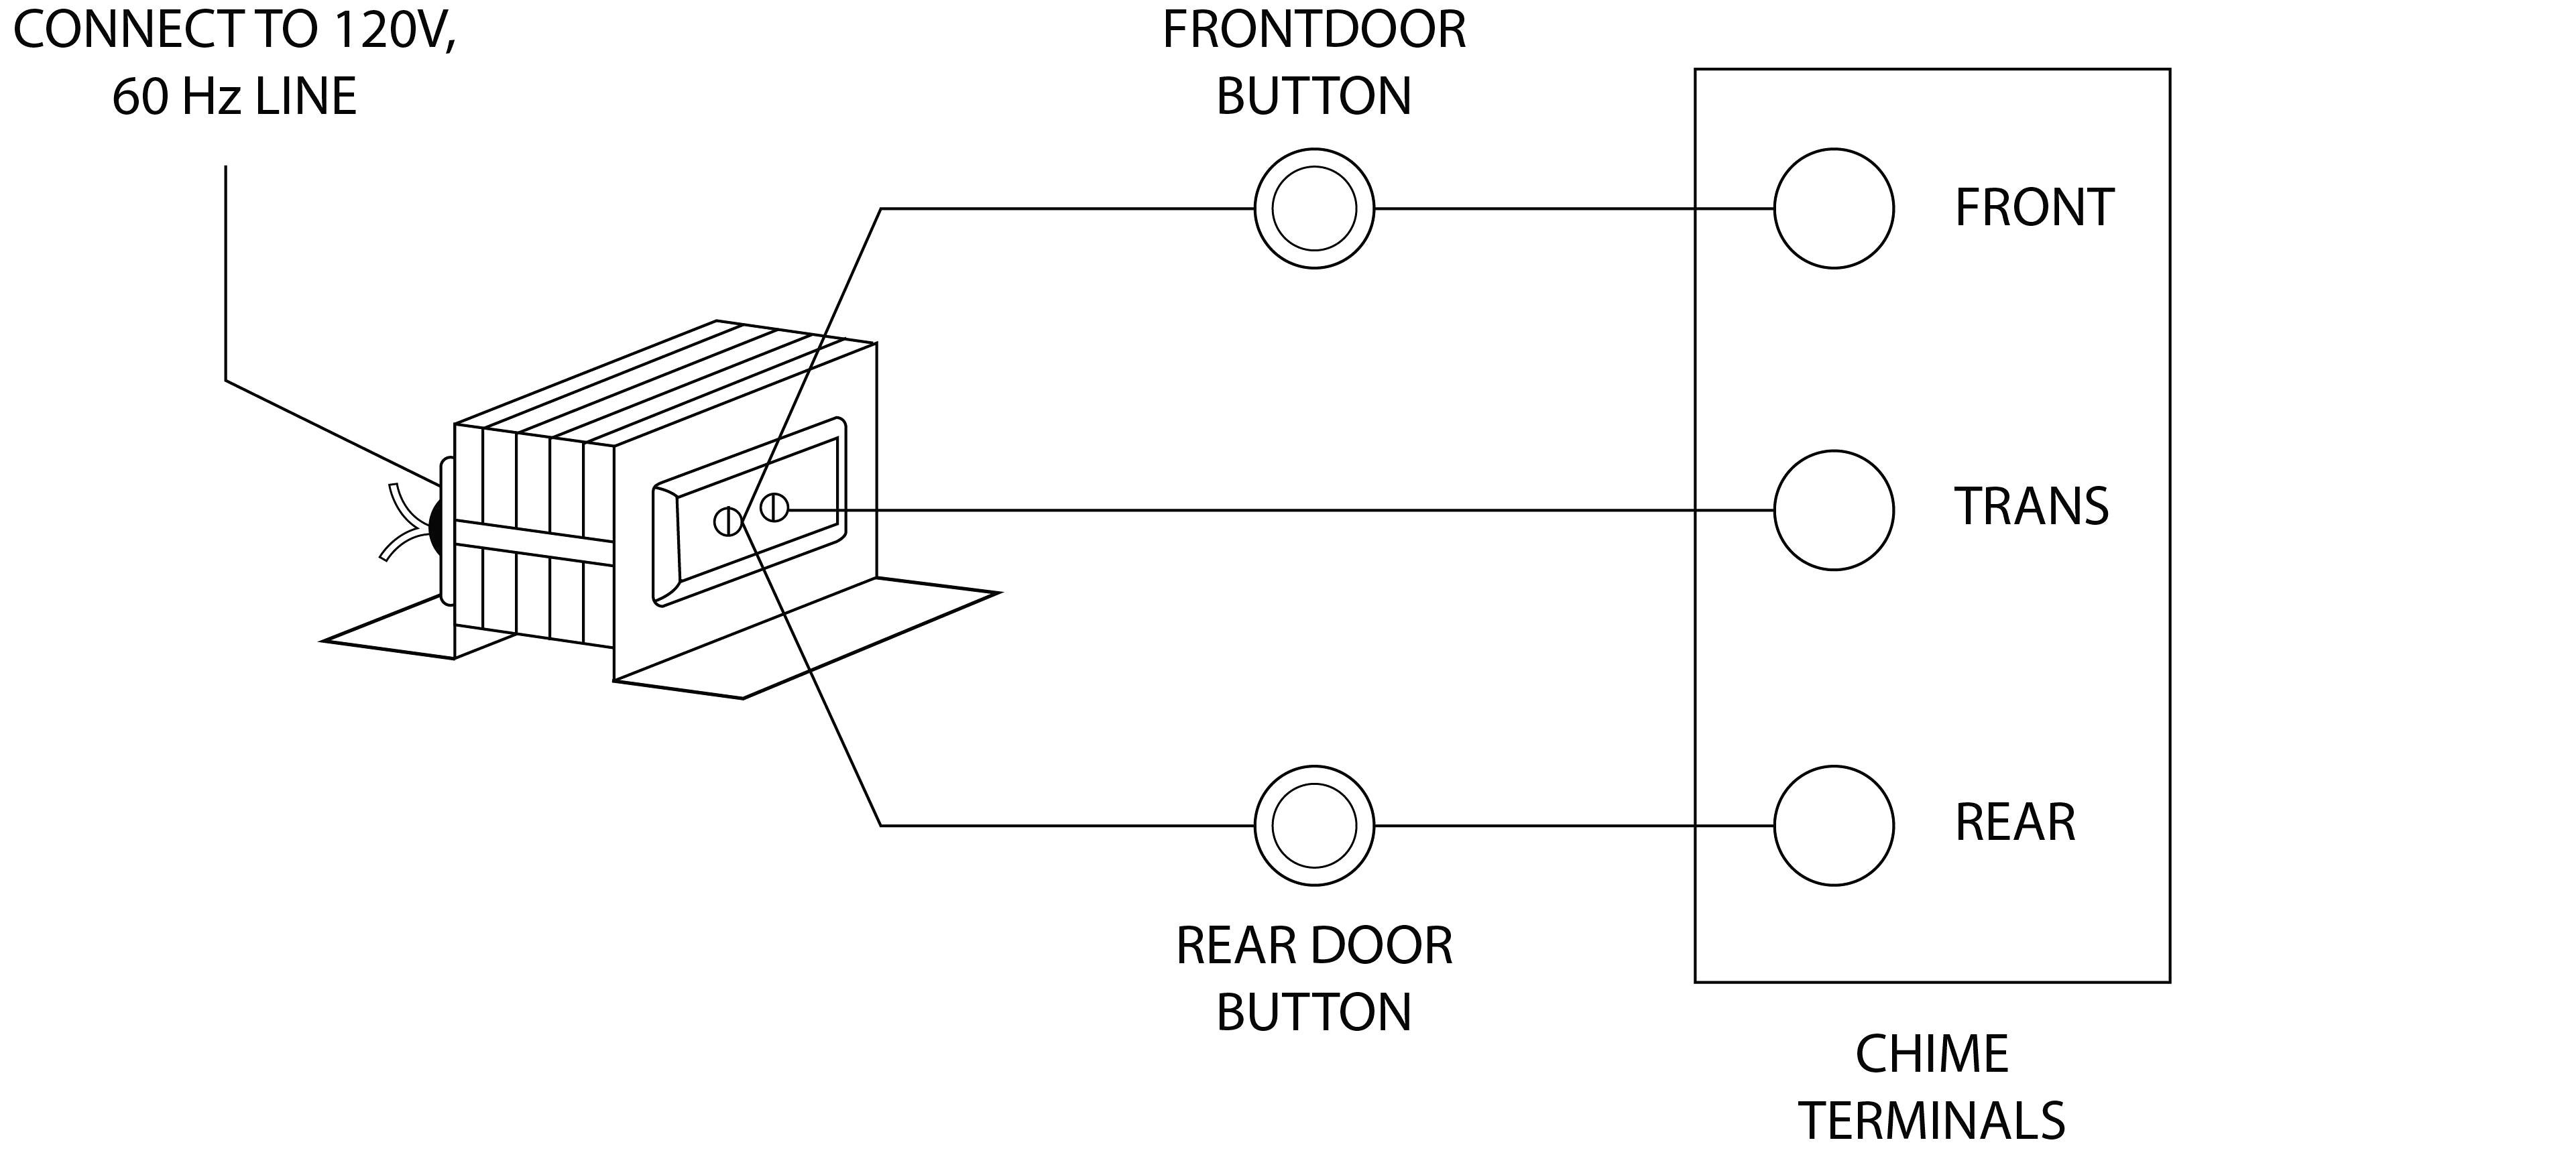 Nutone Scovill Doorbell Wiring Diagram